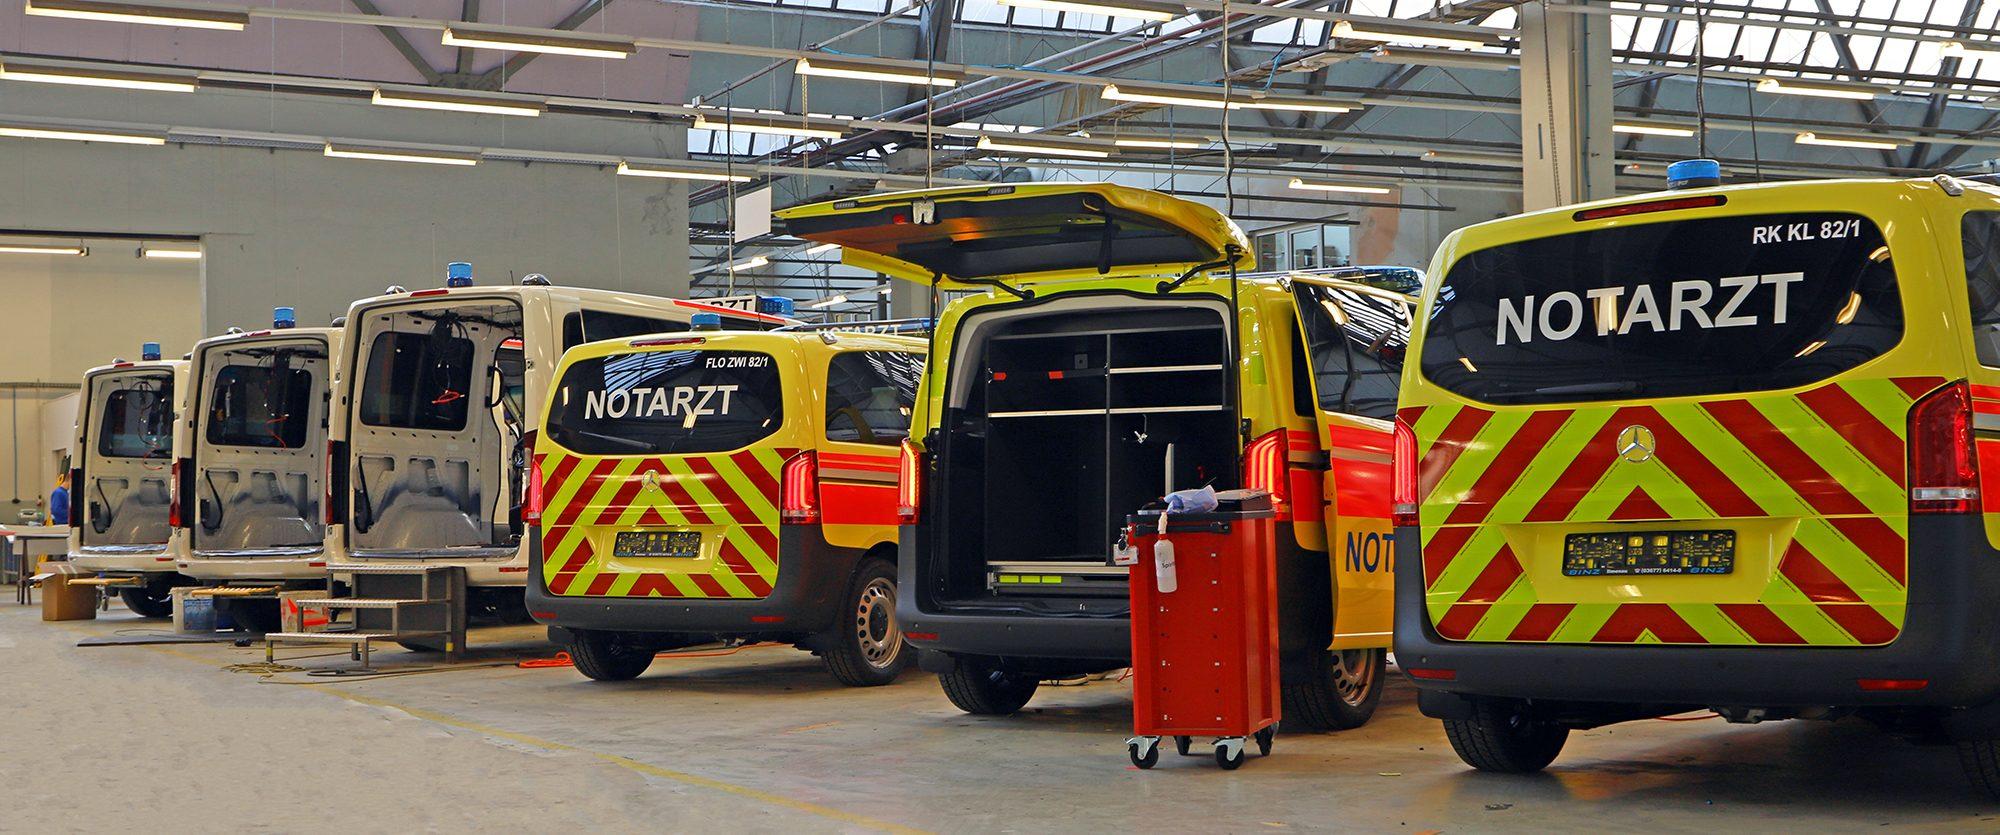 BINZ Ilmenau Fertigung Ambulanz